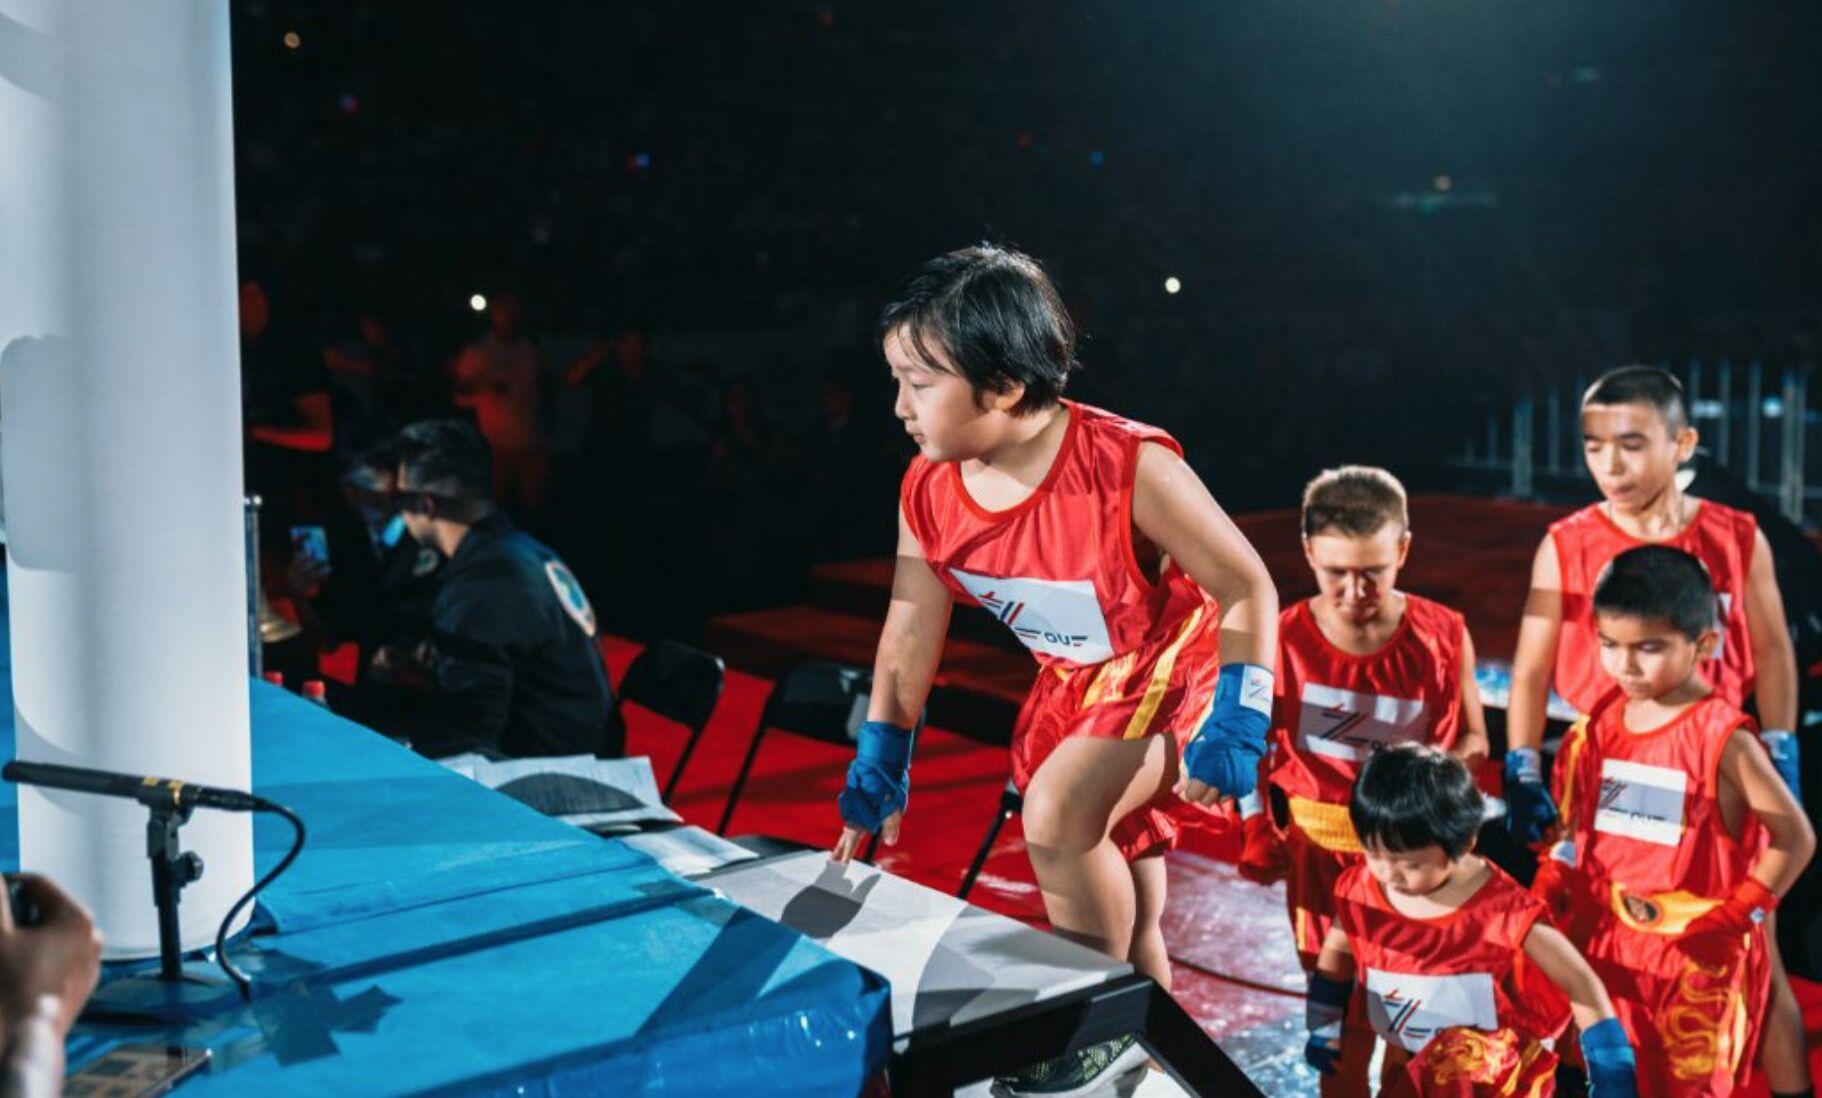 7月28日,邹市明儿子轩轩在赛前准备表演.-邹市明被日本拳手击倒痛图片